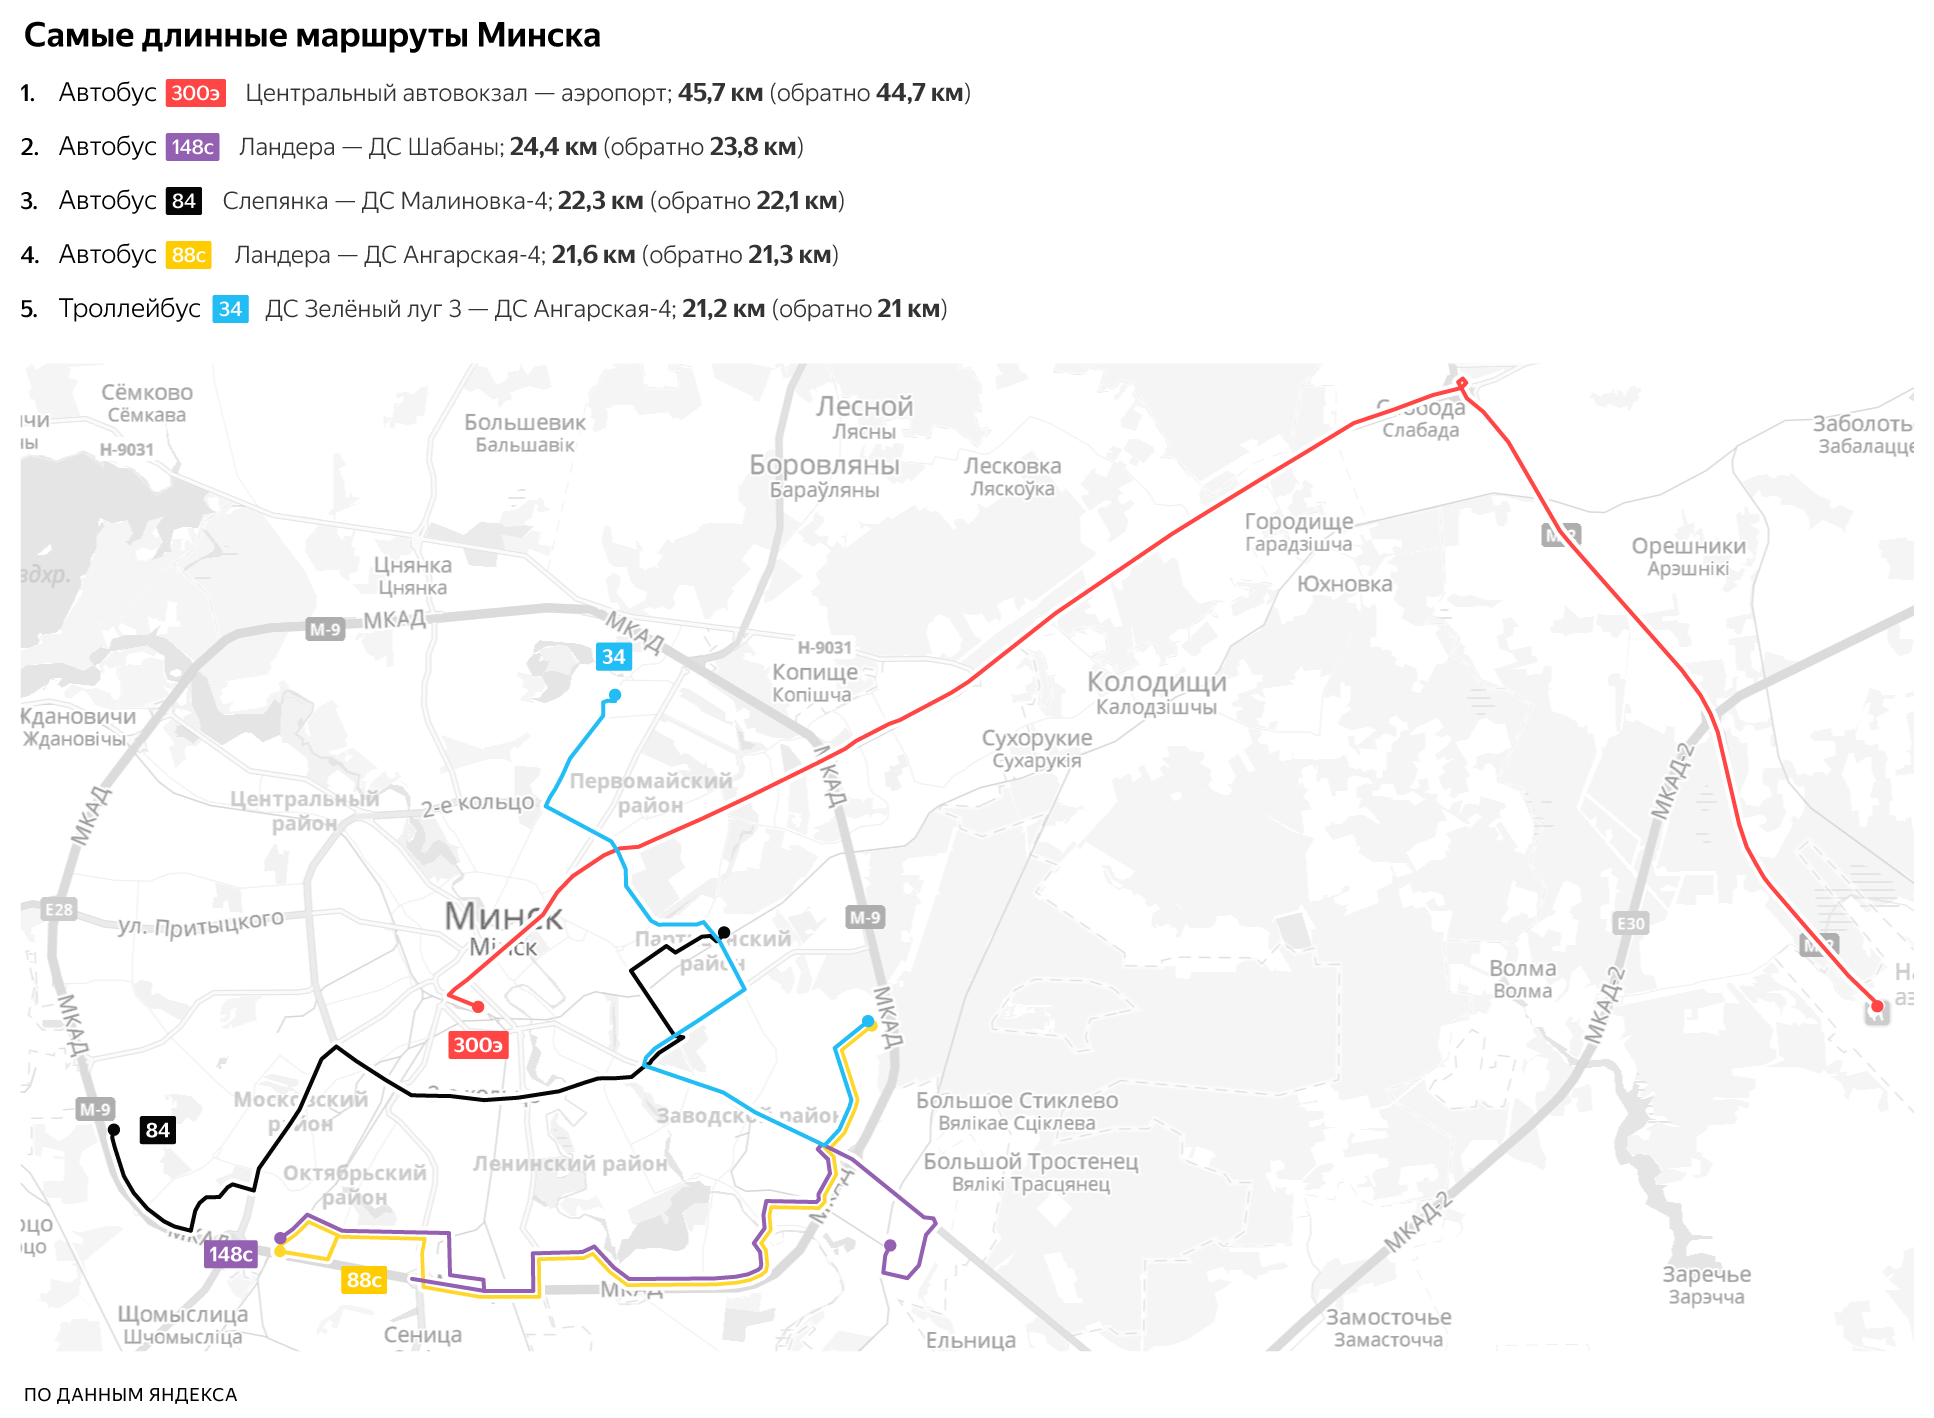 Яндекс измерил маршруты и интервалы движения минского транспорта